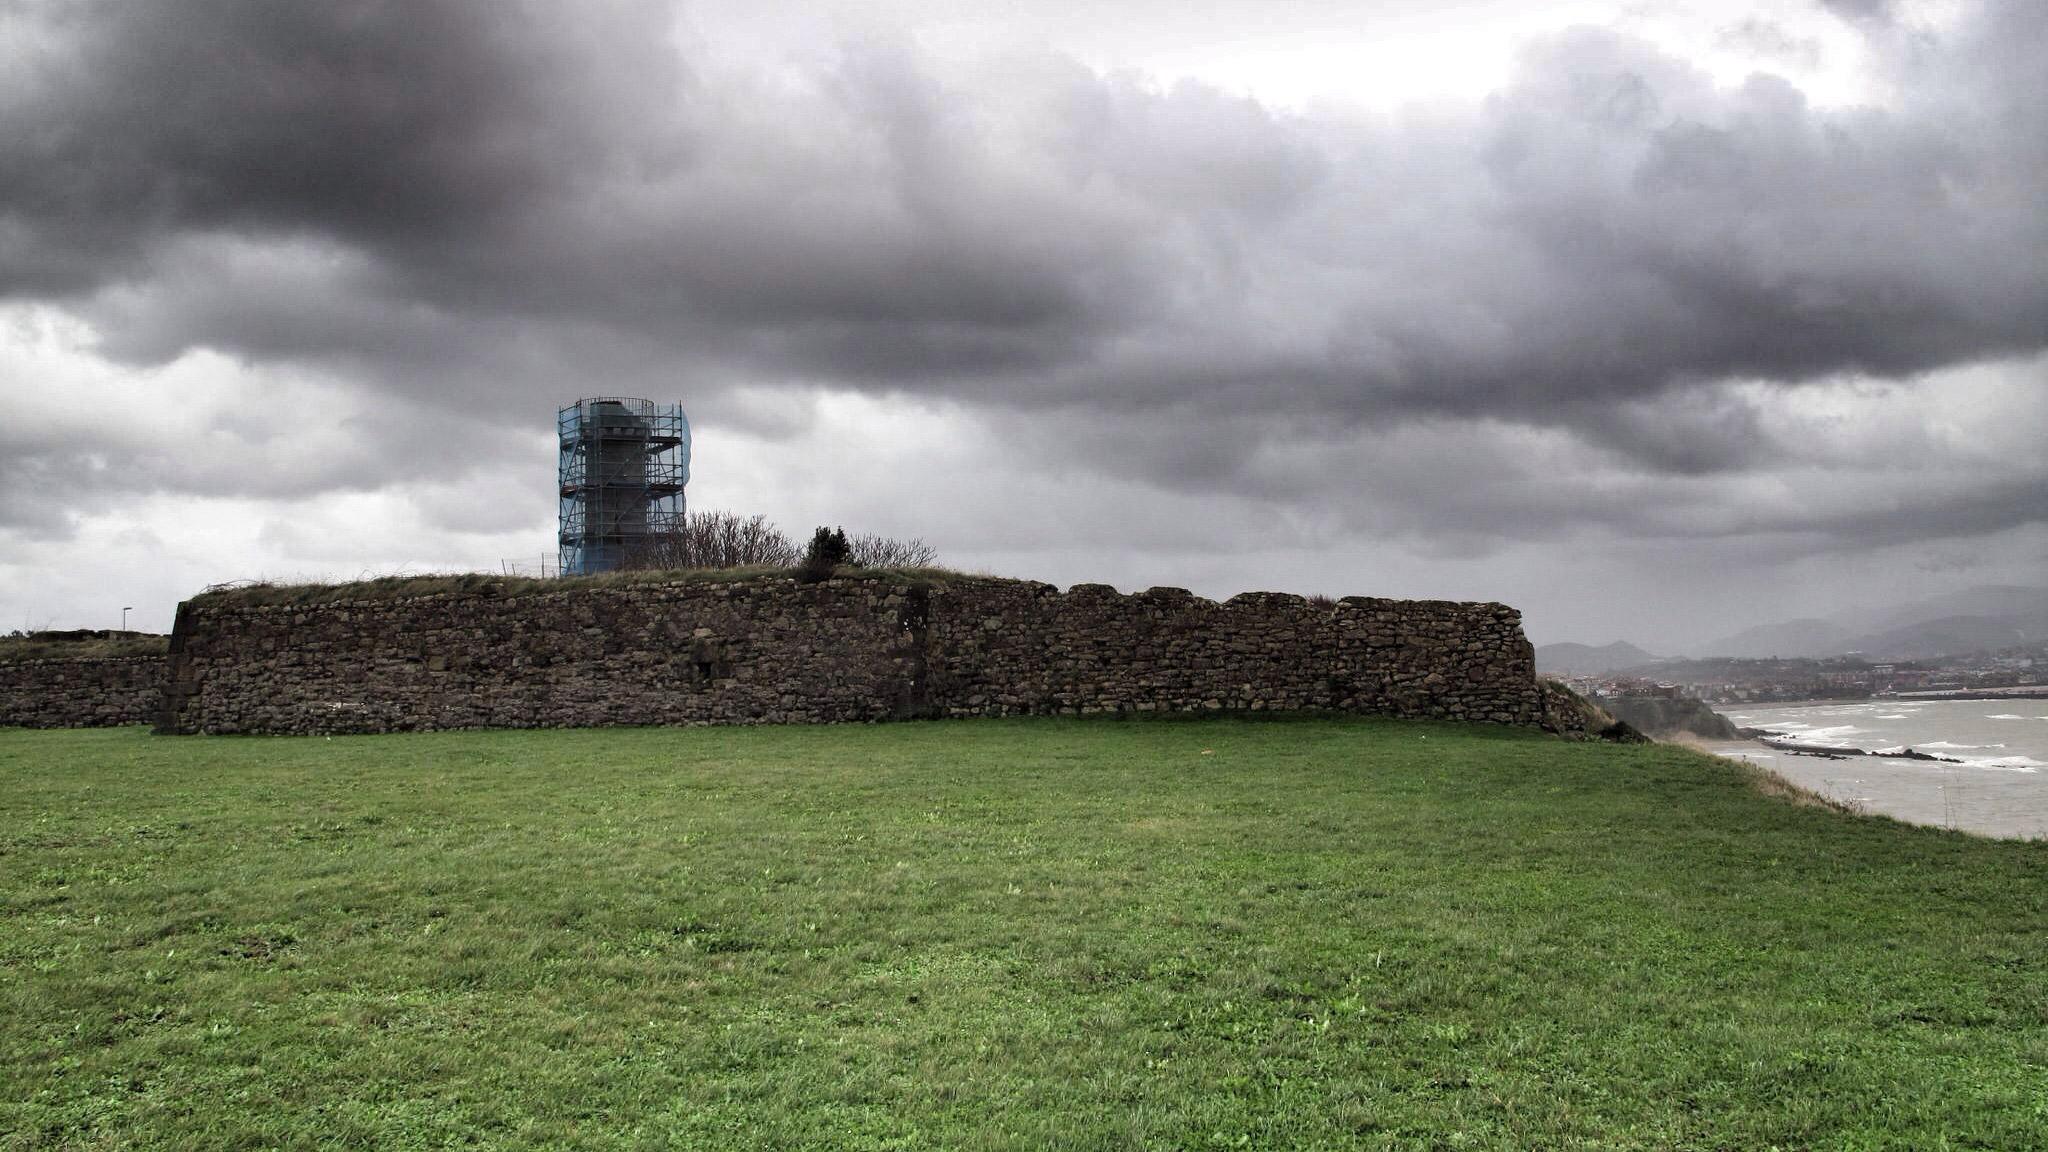 fuerte de la galea_siglo XVIII_construcción_coronel Jaime_Sycre_arquitectura defensiva_bizkaia